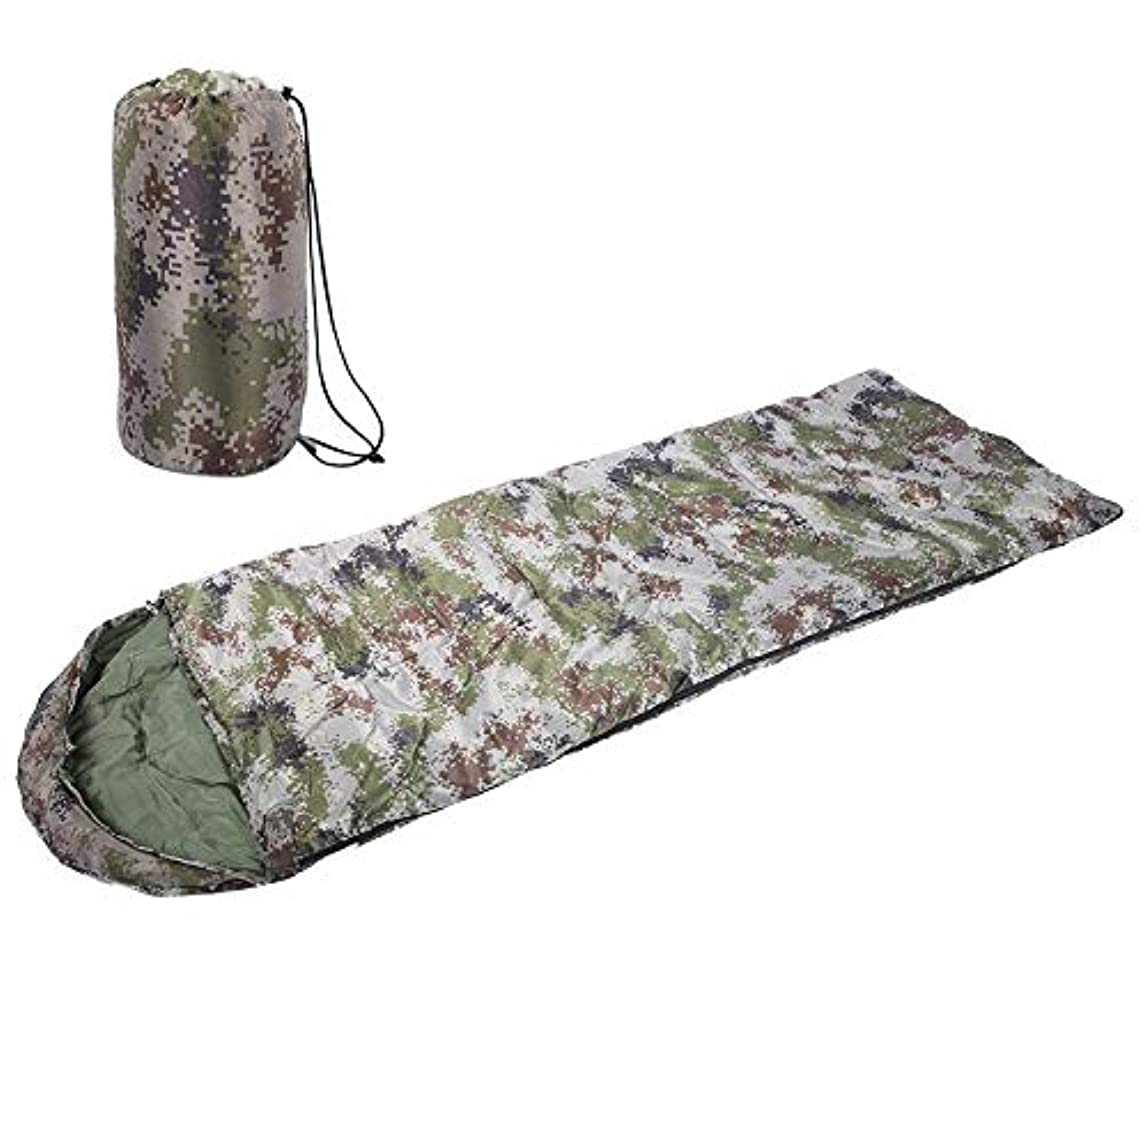 家主作業備品寝袋 ポータブル軽量封筒寝袋収納袋迷彩キャンプ用品装備4シーズン旅行登山クライミングキャンプピクニックハイキング屋内&屋外アクティビティ